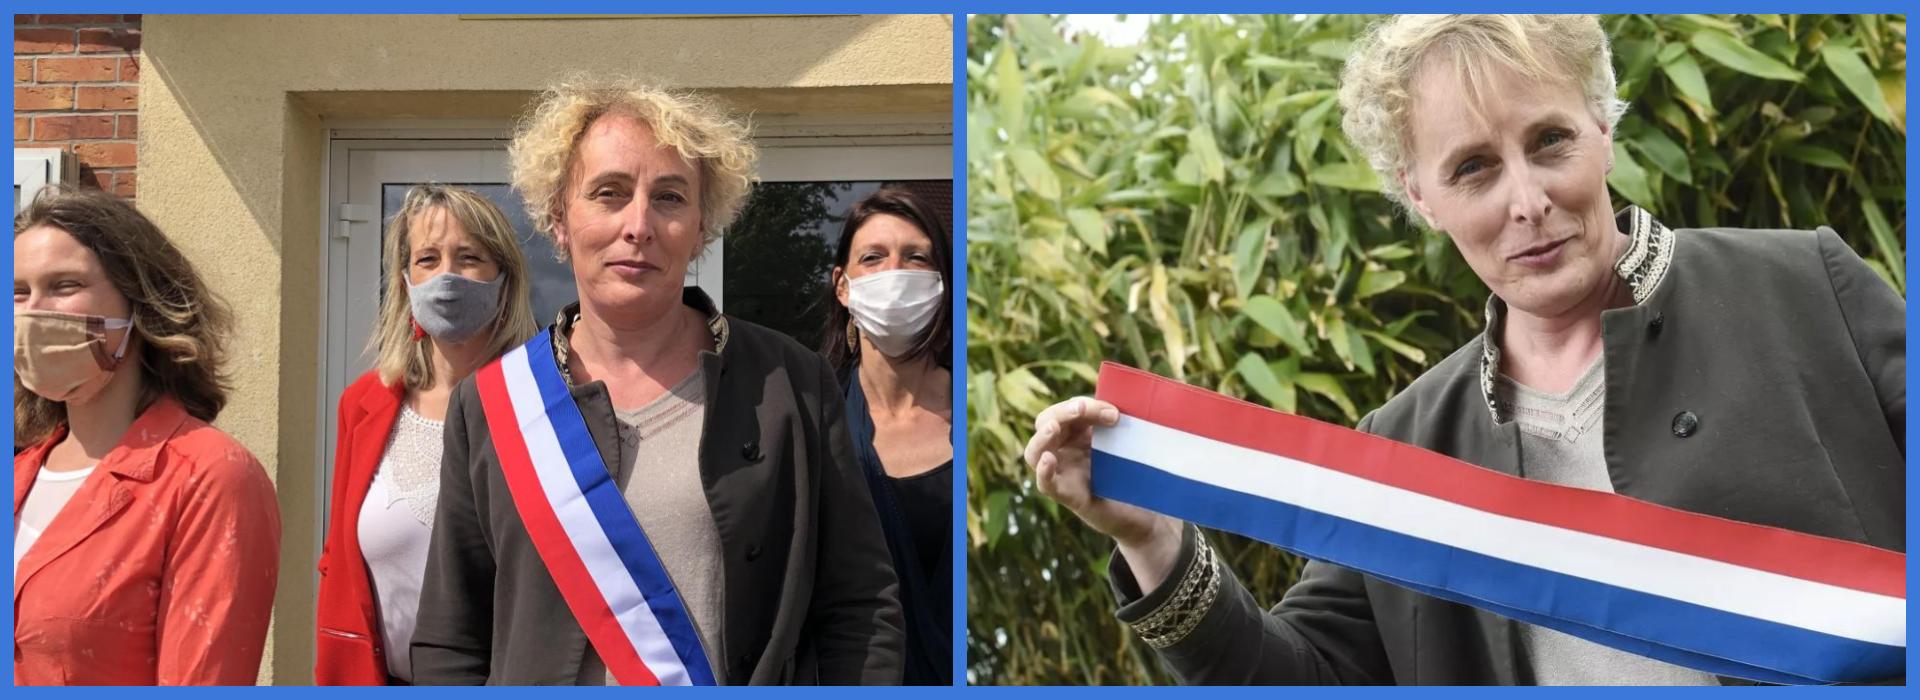 У Франції вперше обрали мером трансґендерну жінку